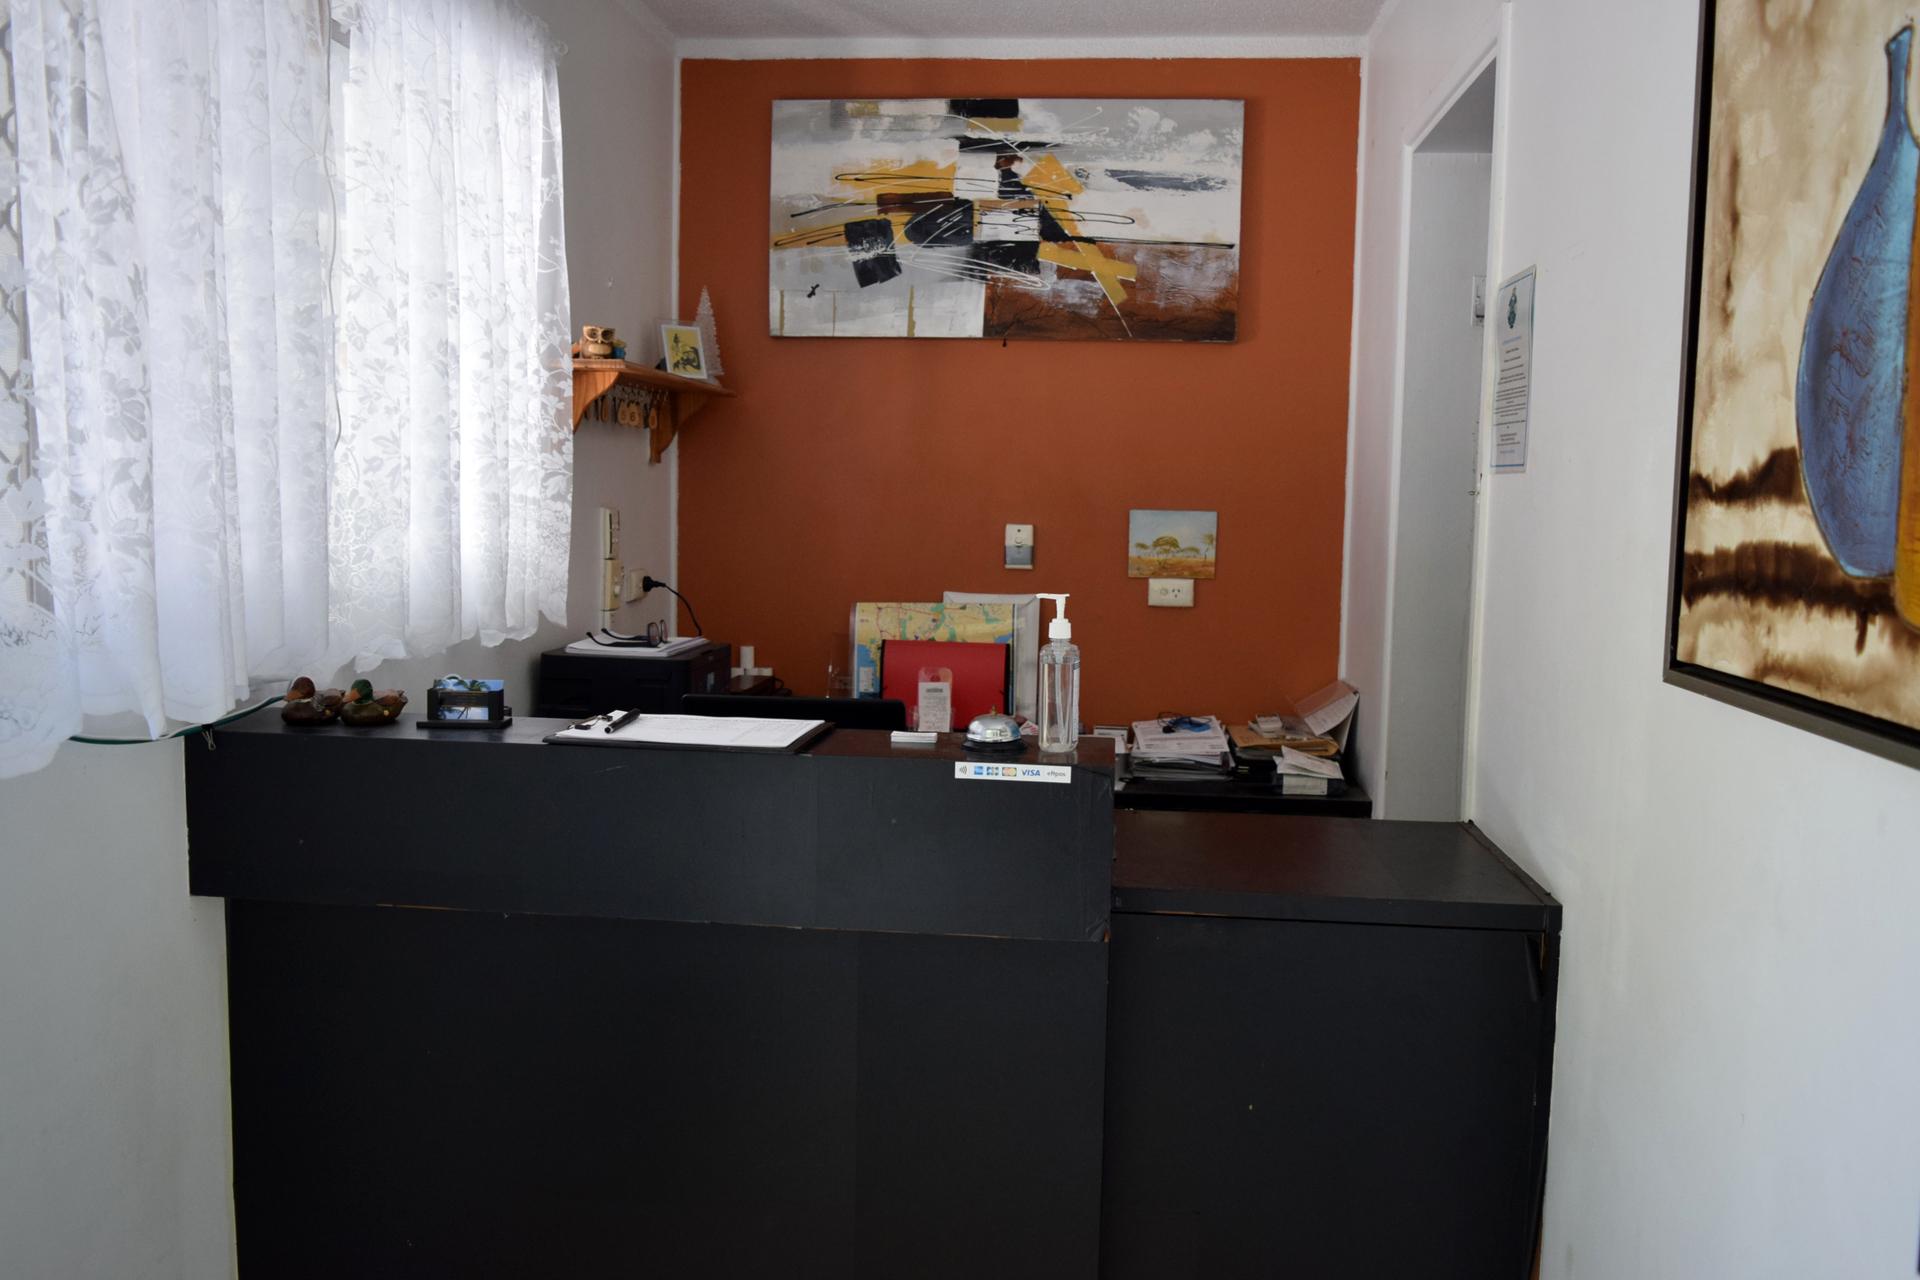 d - Siesta Villa Motel